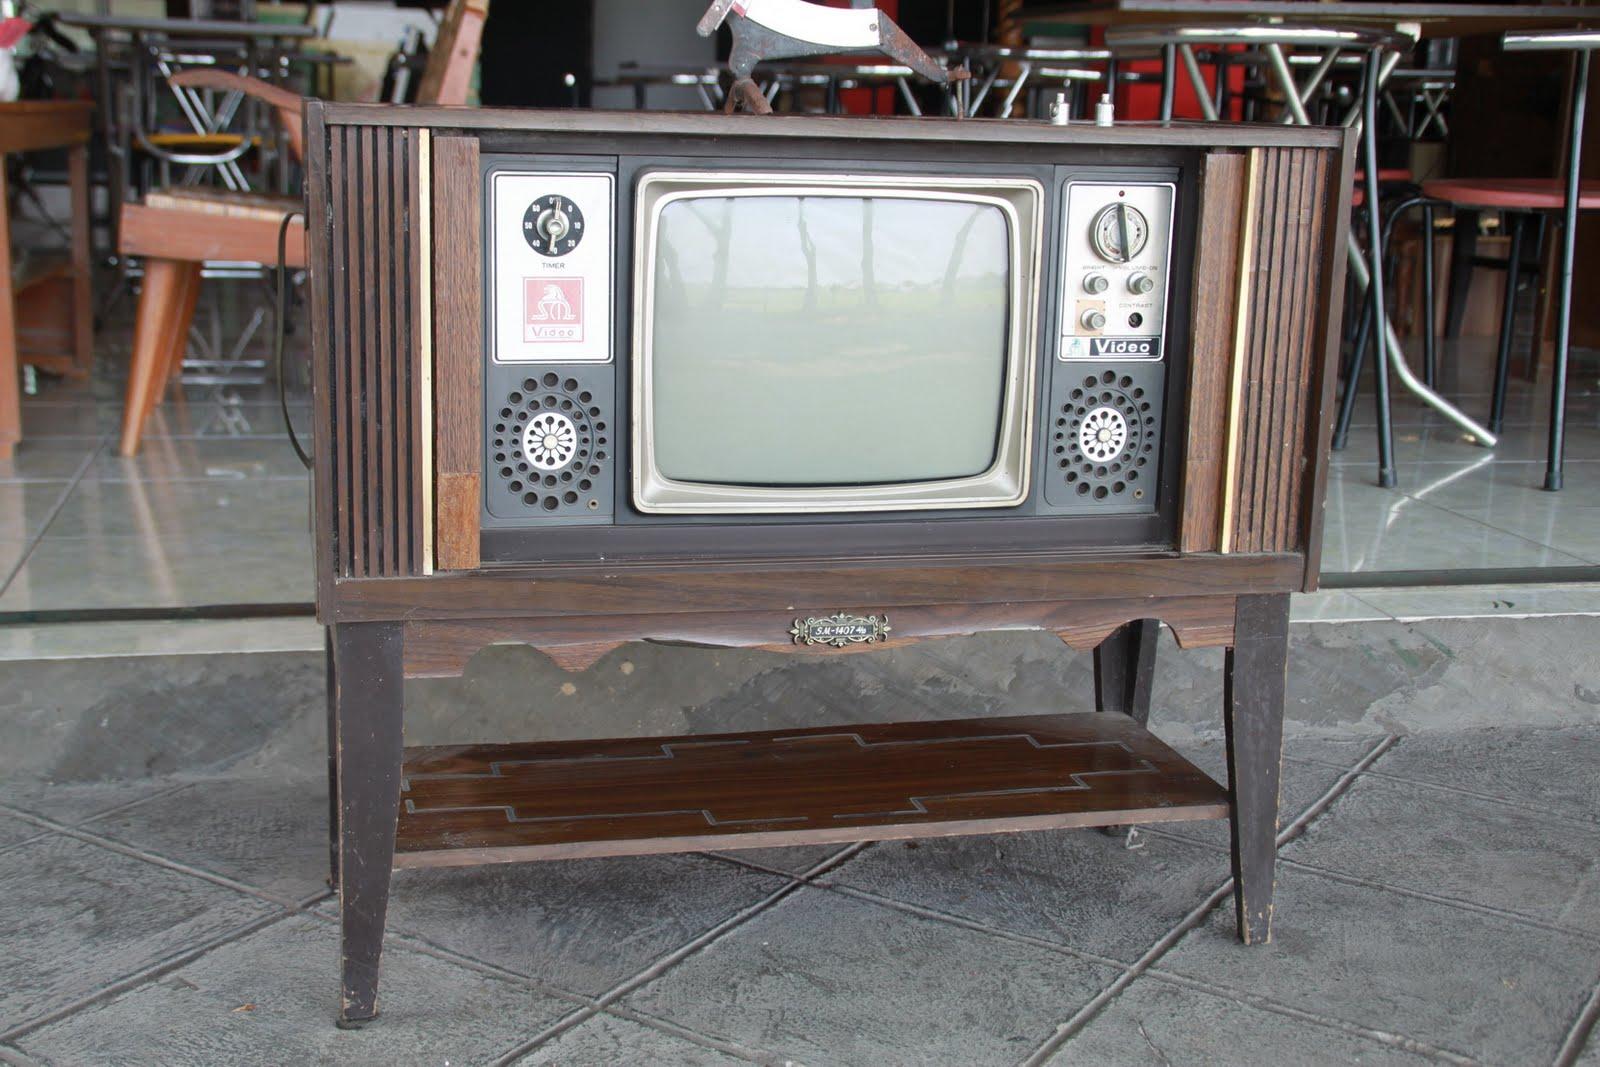 Kios Barang Antik Tv Buffet Merk Video